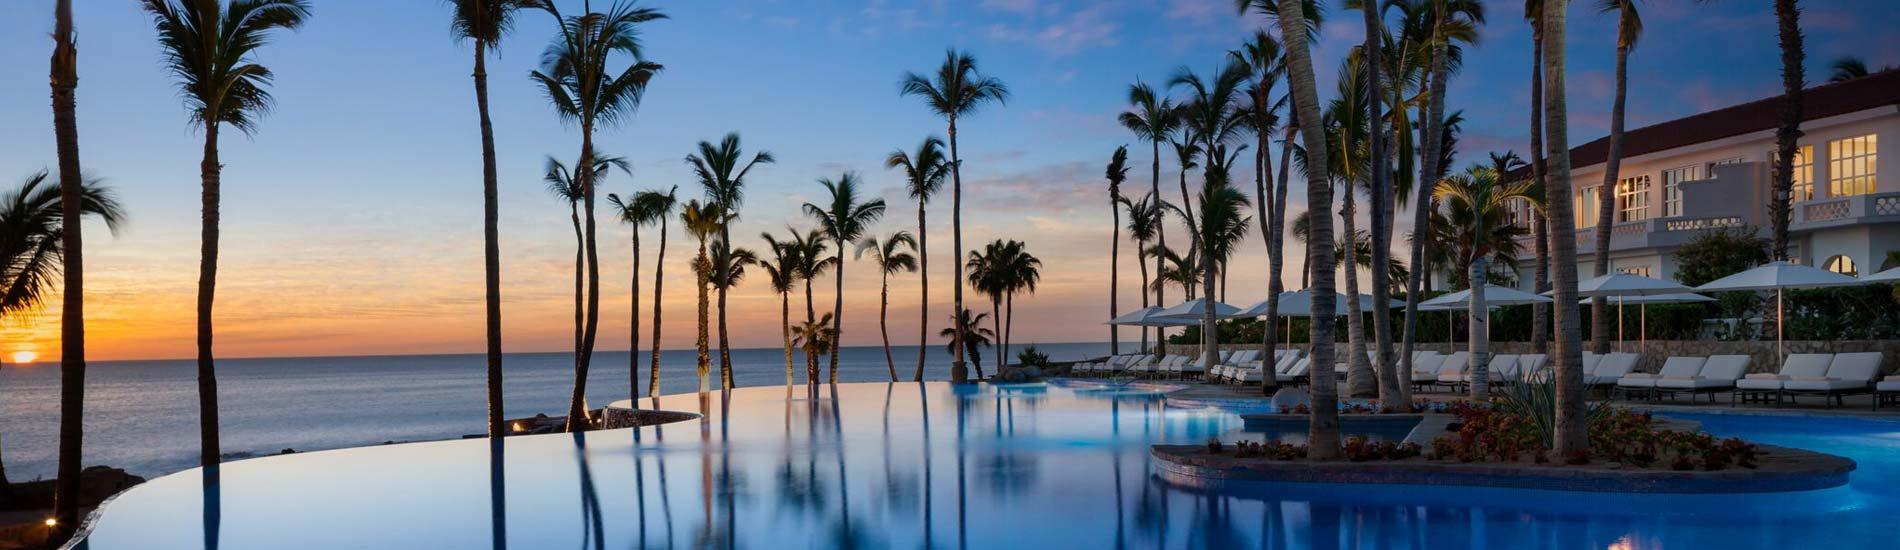 Boutique Hotels Baja California Sur